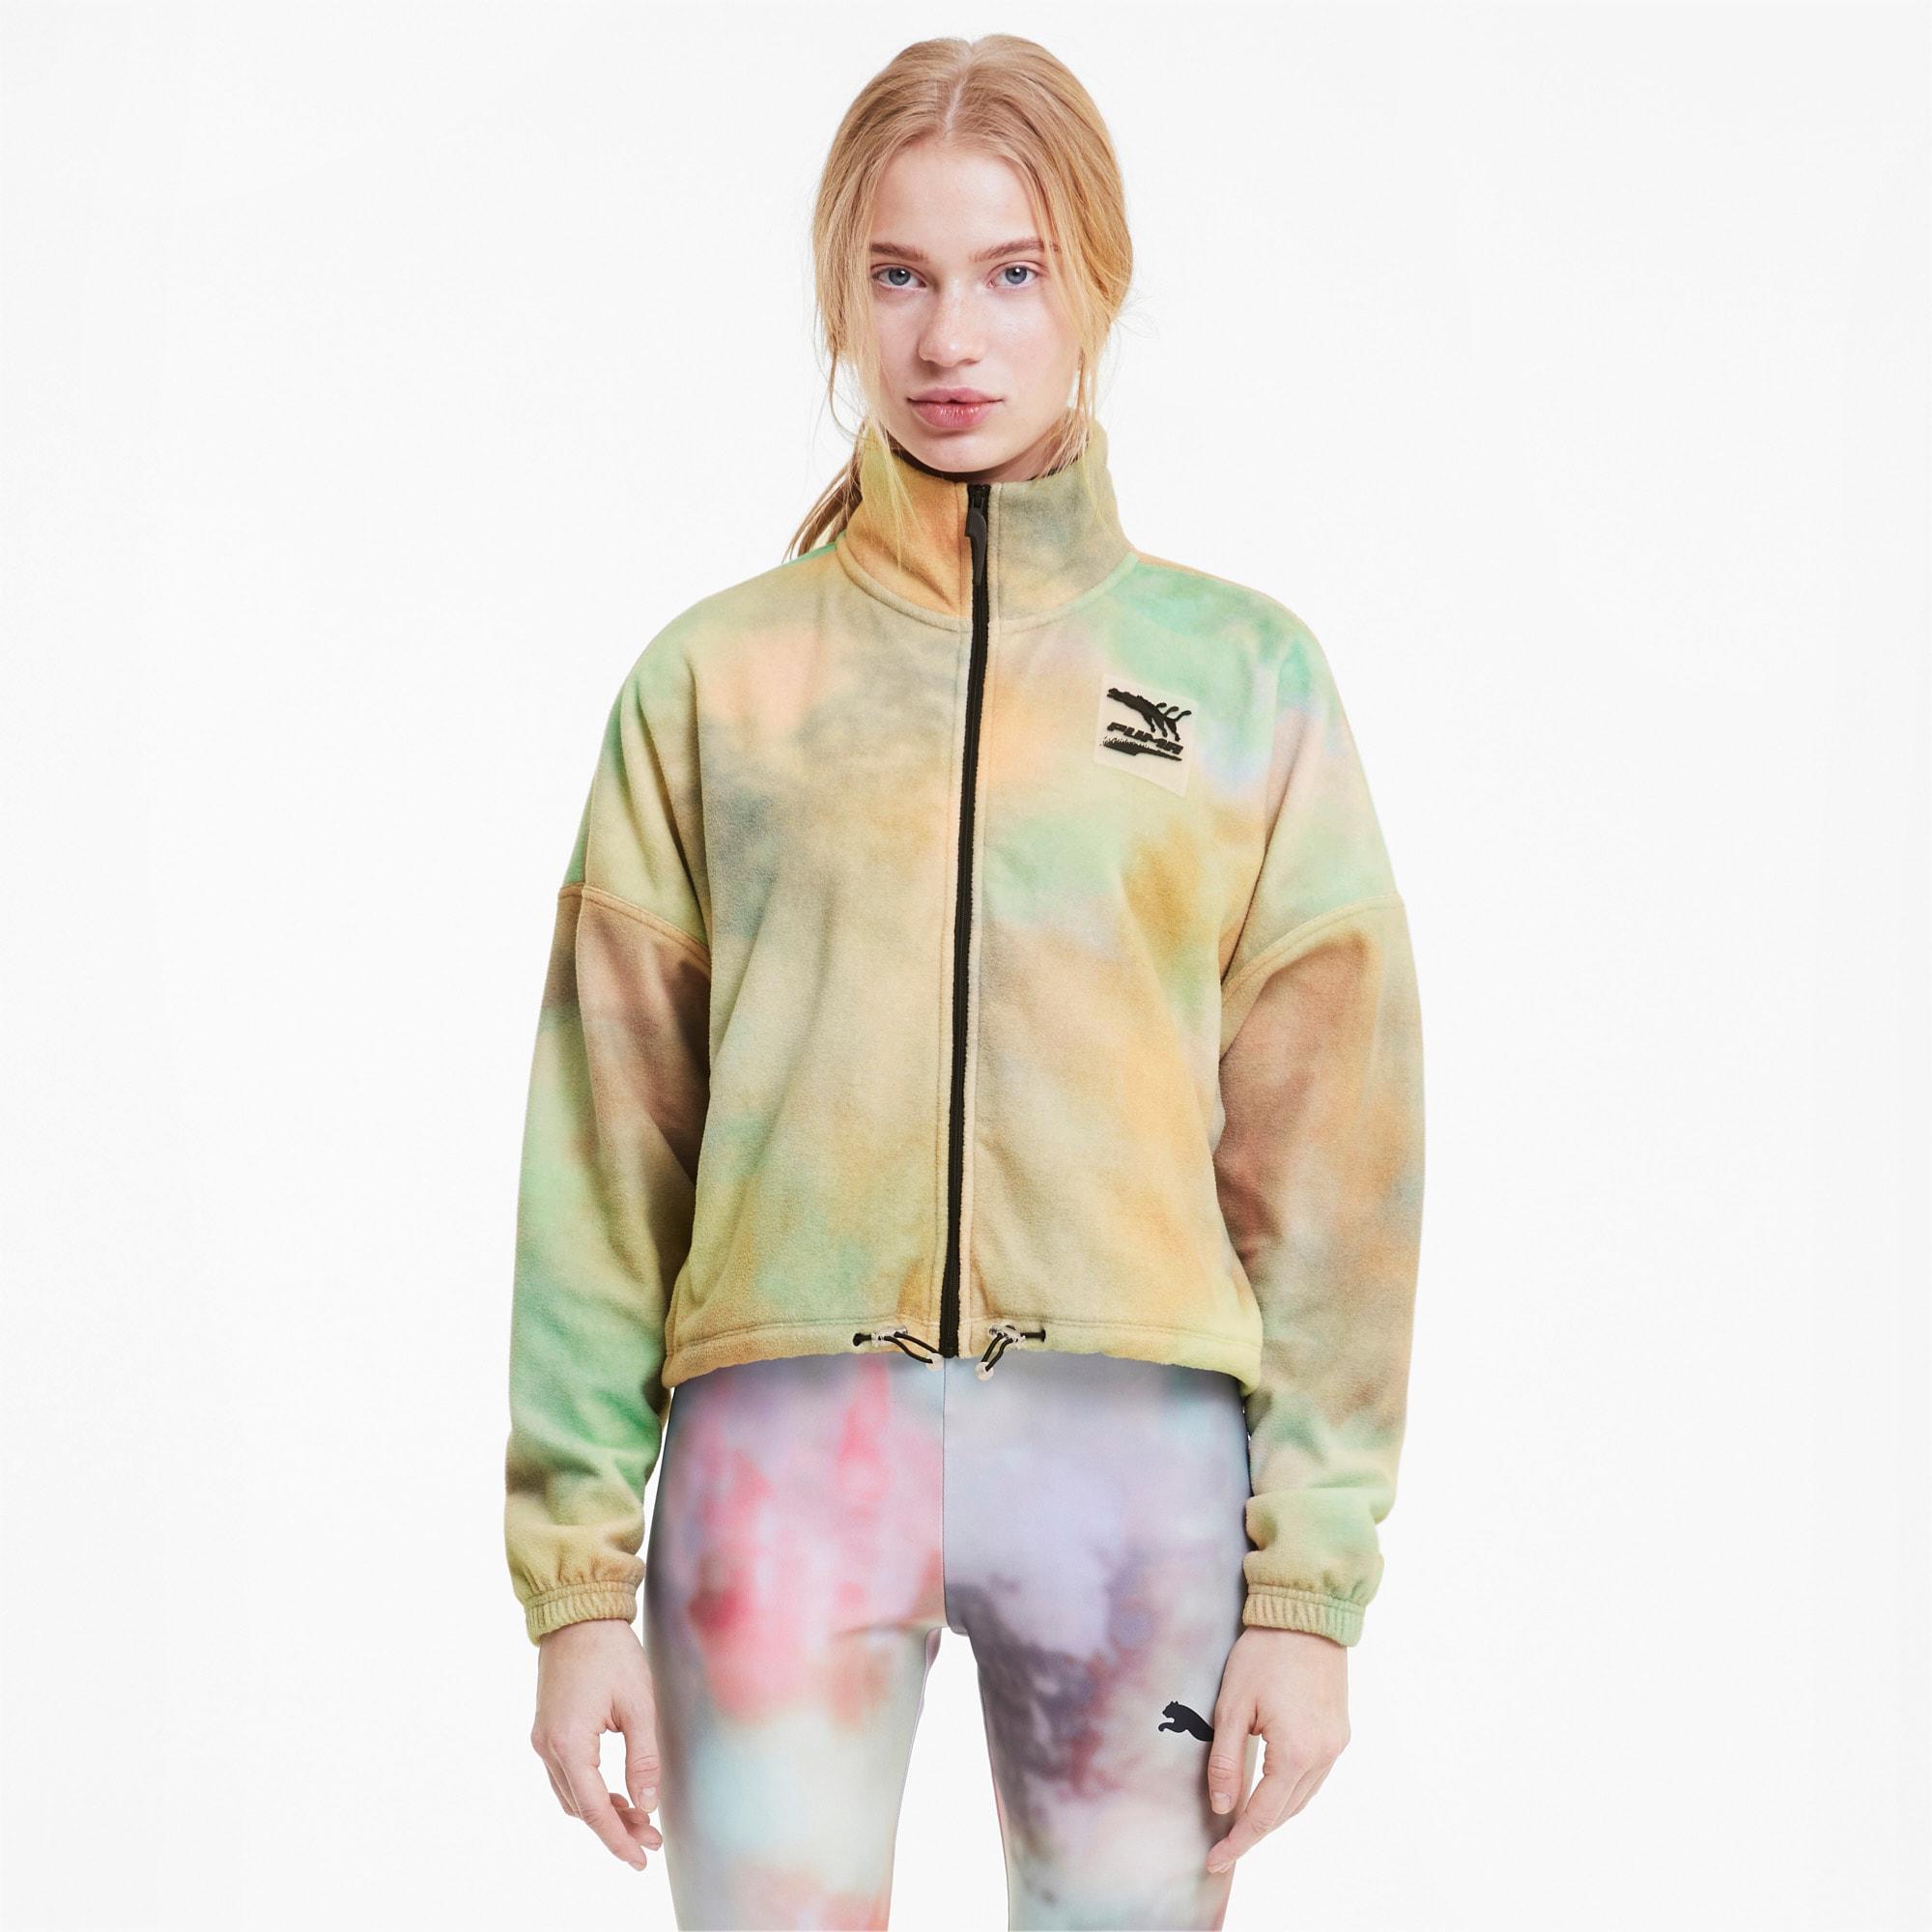 puma -  Evide AOP Damen Trainingsjacke aus Fleece | Mit Aucun | Weiß | Größe: XL